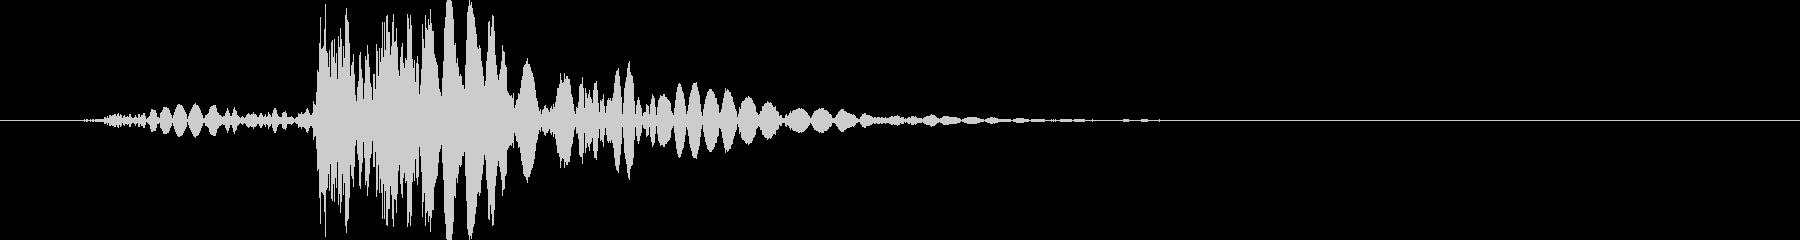 パンチパンチパンチの未再生の波形